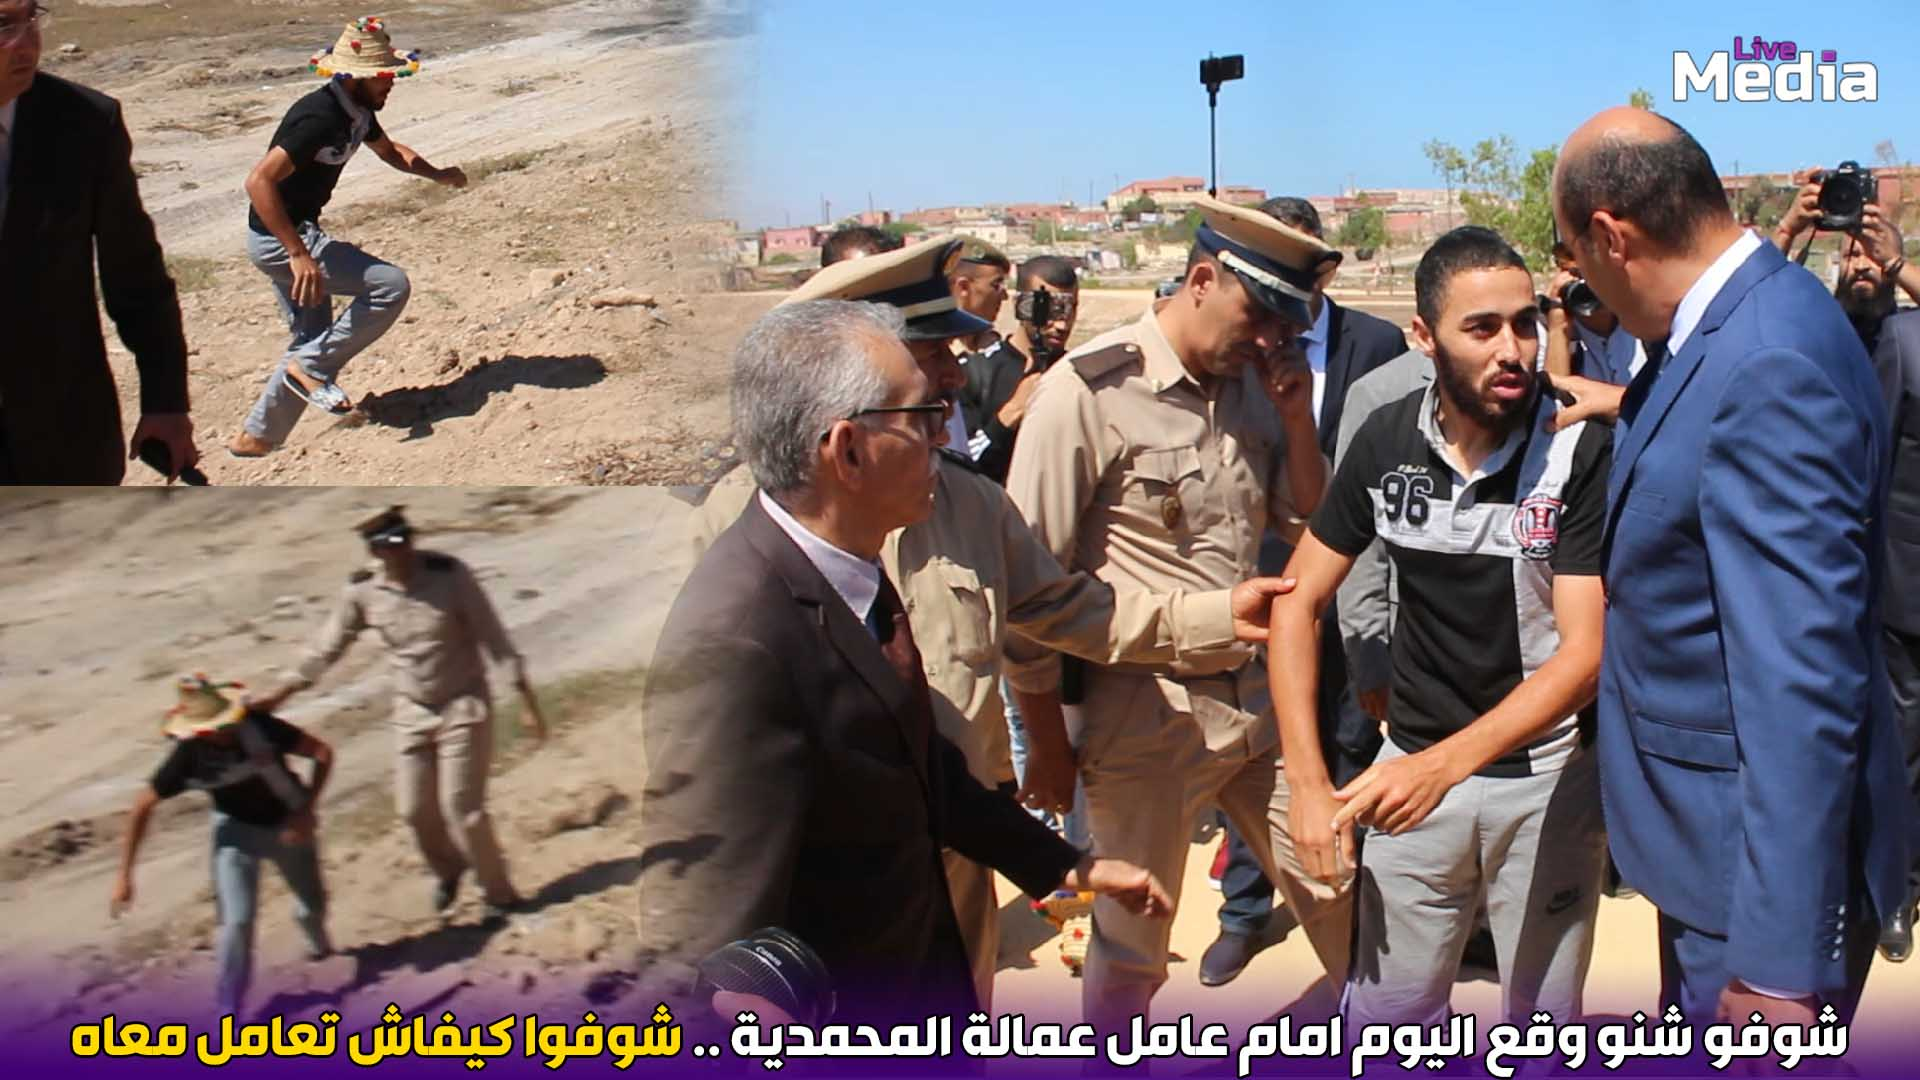 بالفيديو !!  شاب يعترض عامل عمالة المحمدية .. والعامل يقرر استقباله والاستماع اليه